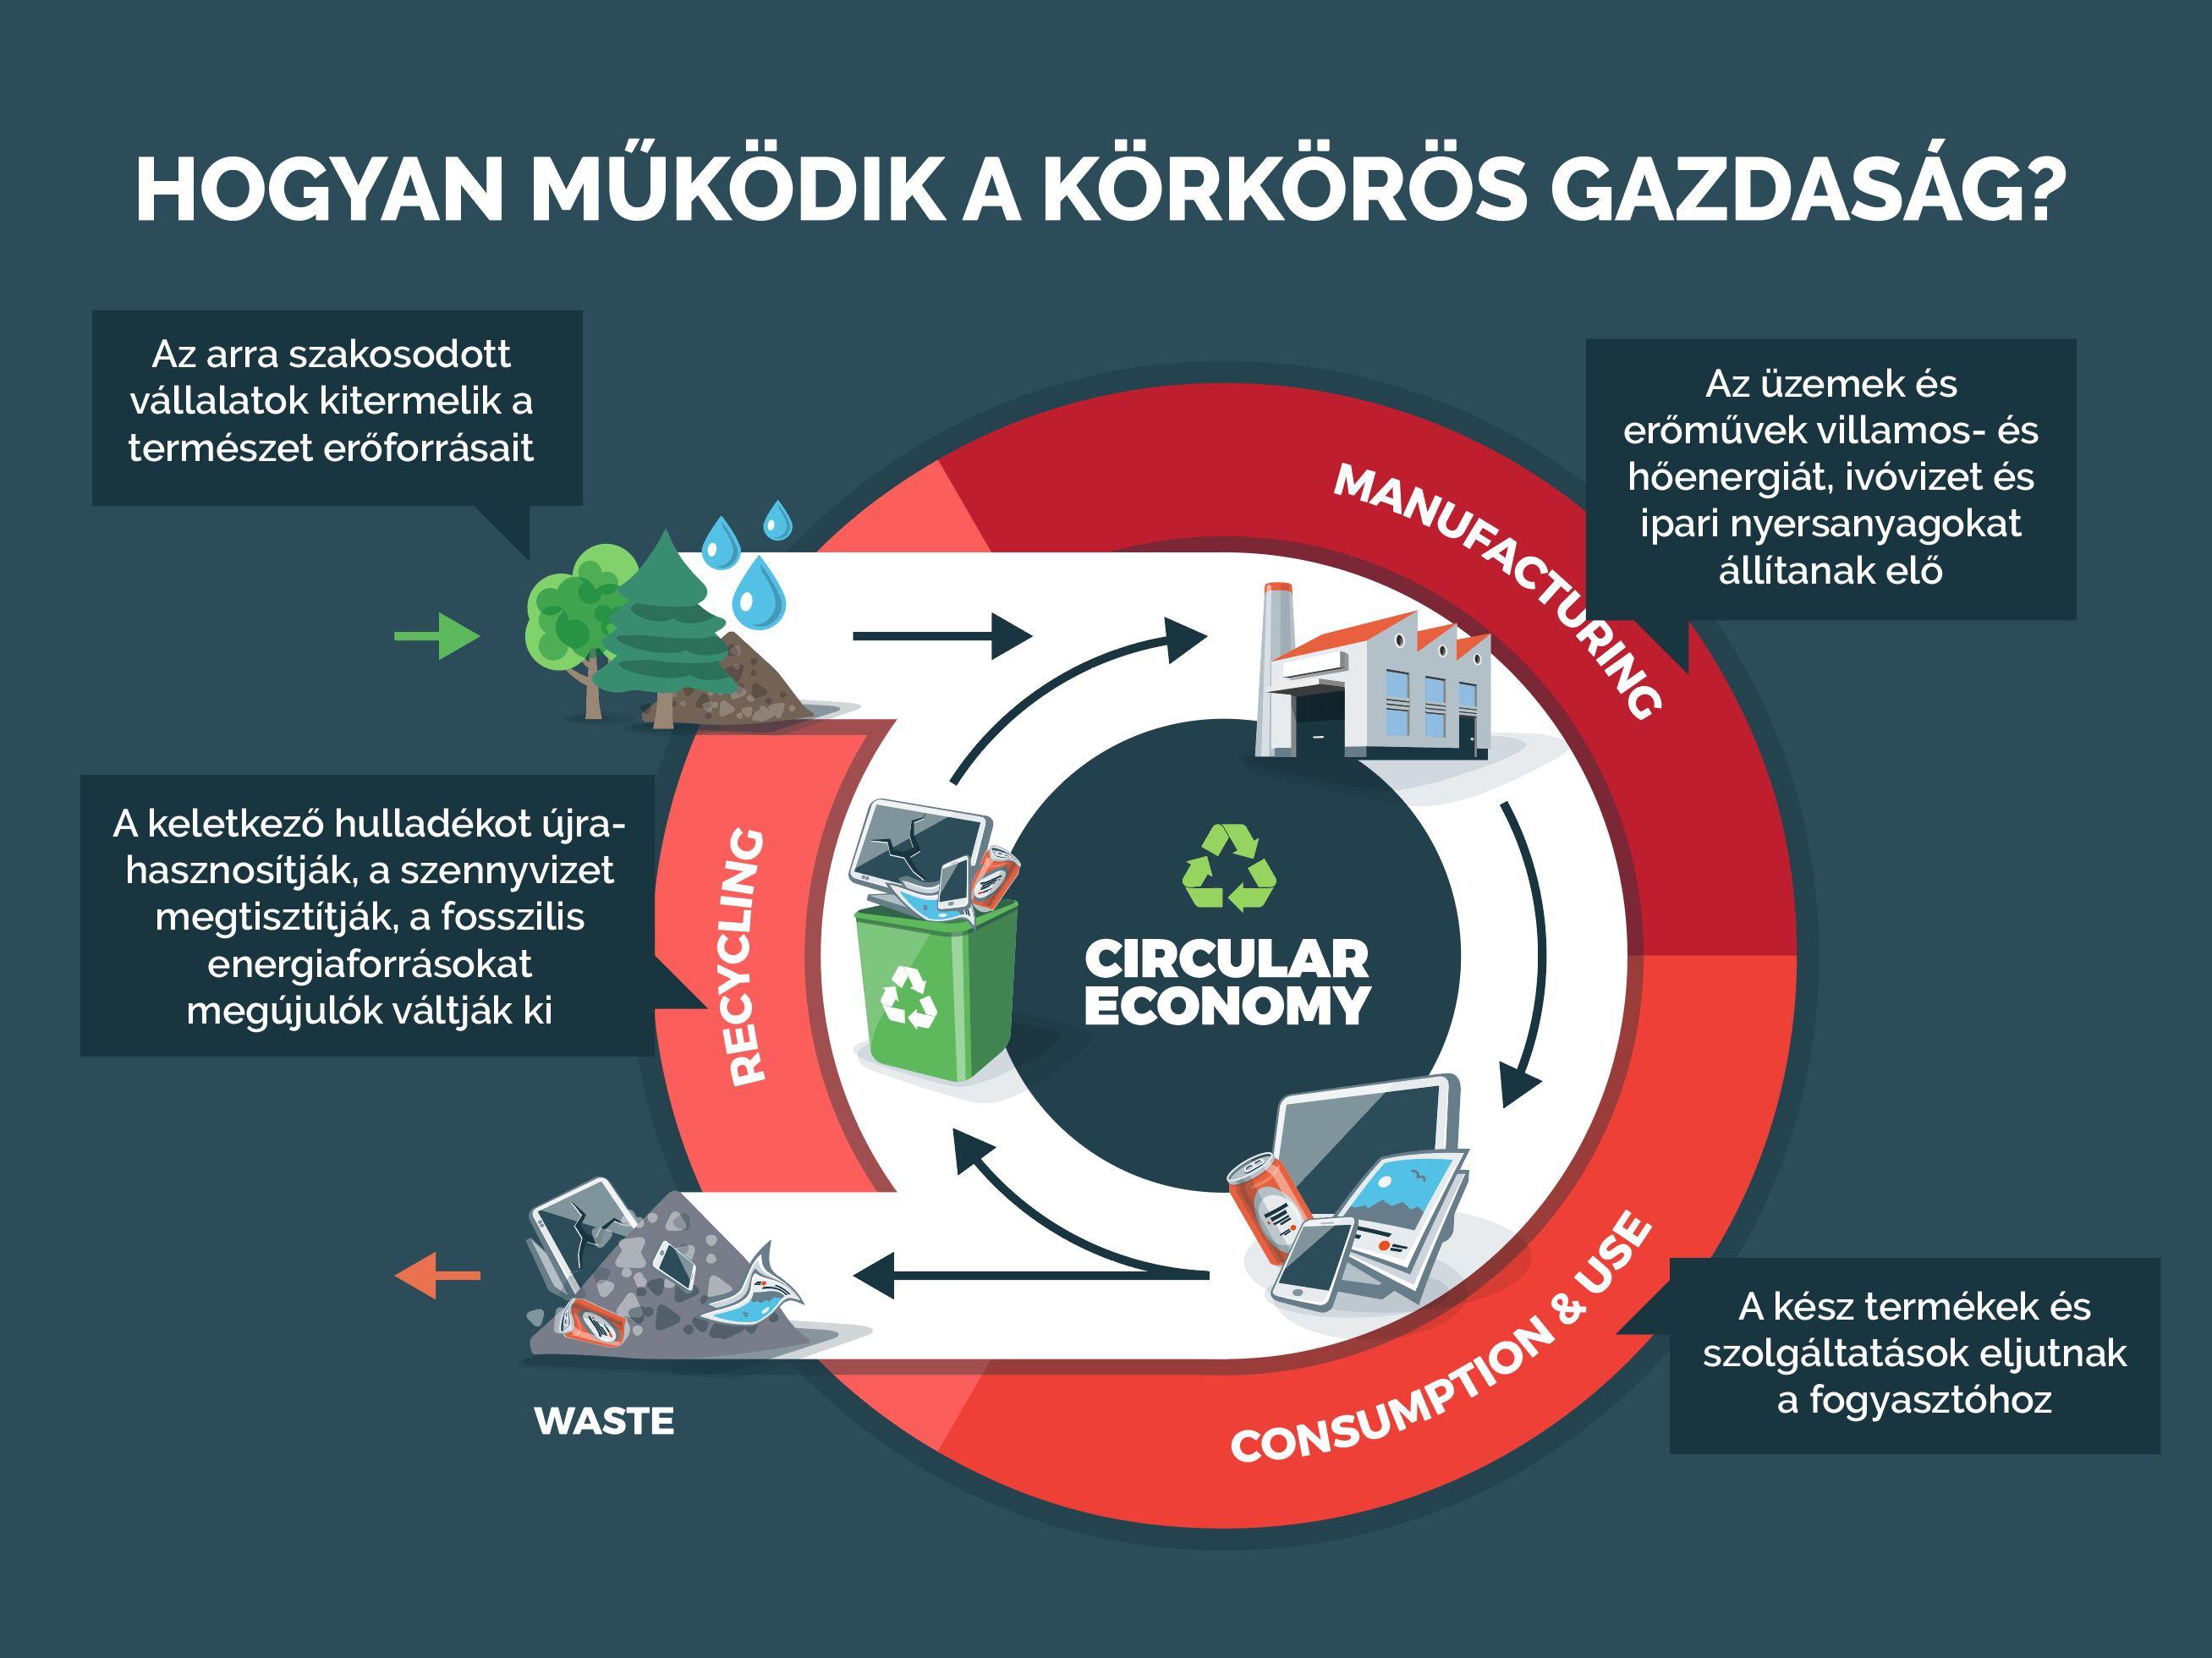 Hogyan működik a körkörös gazdaság